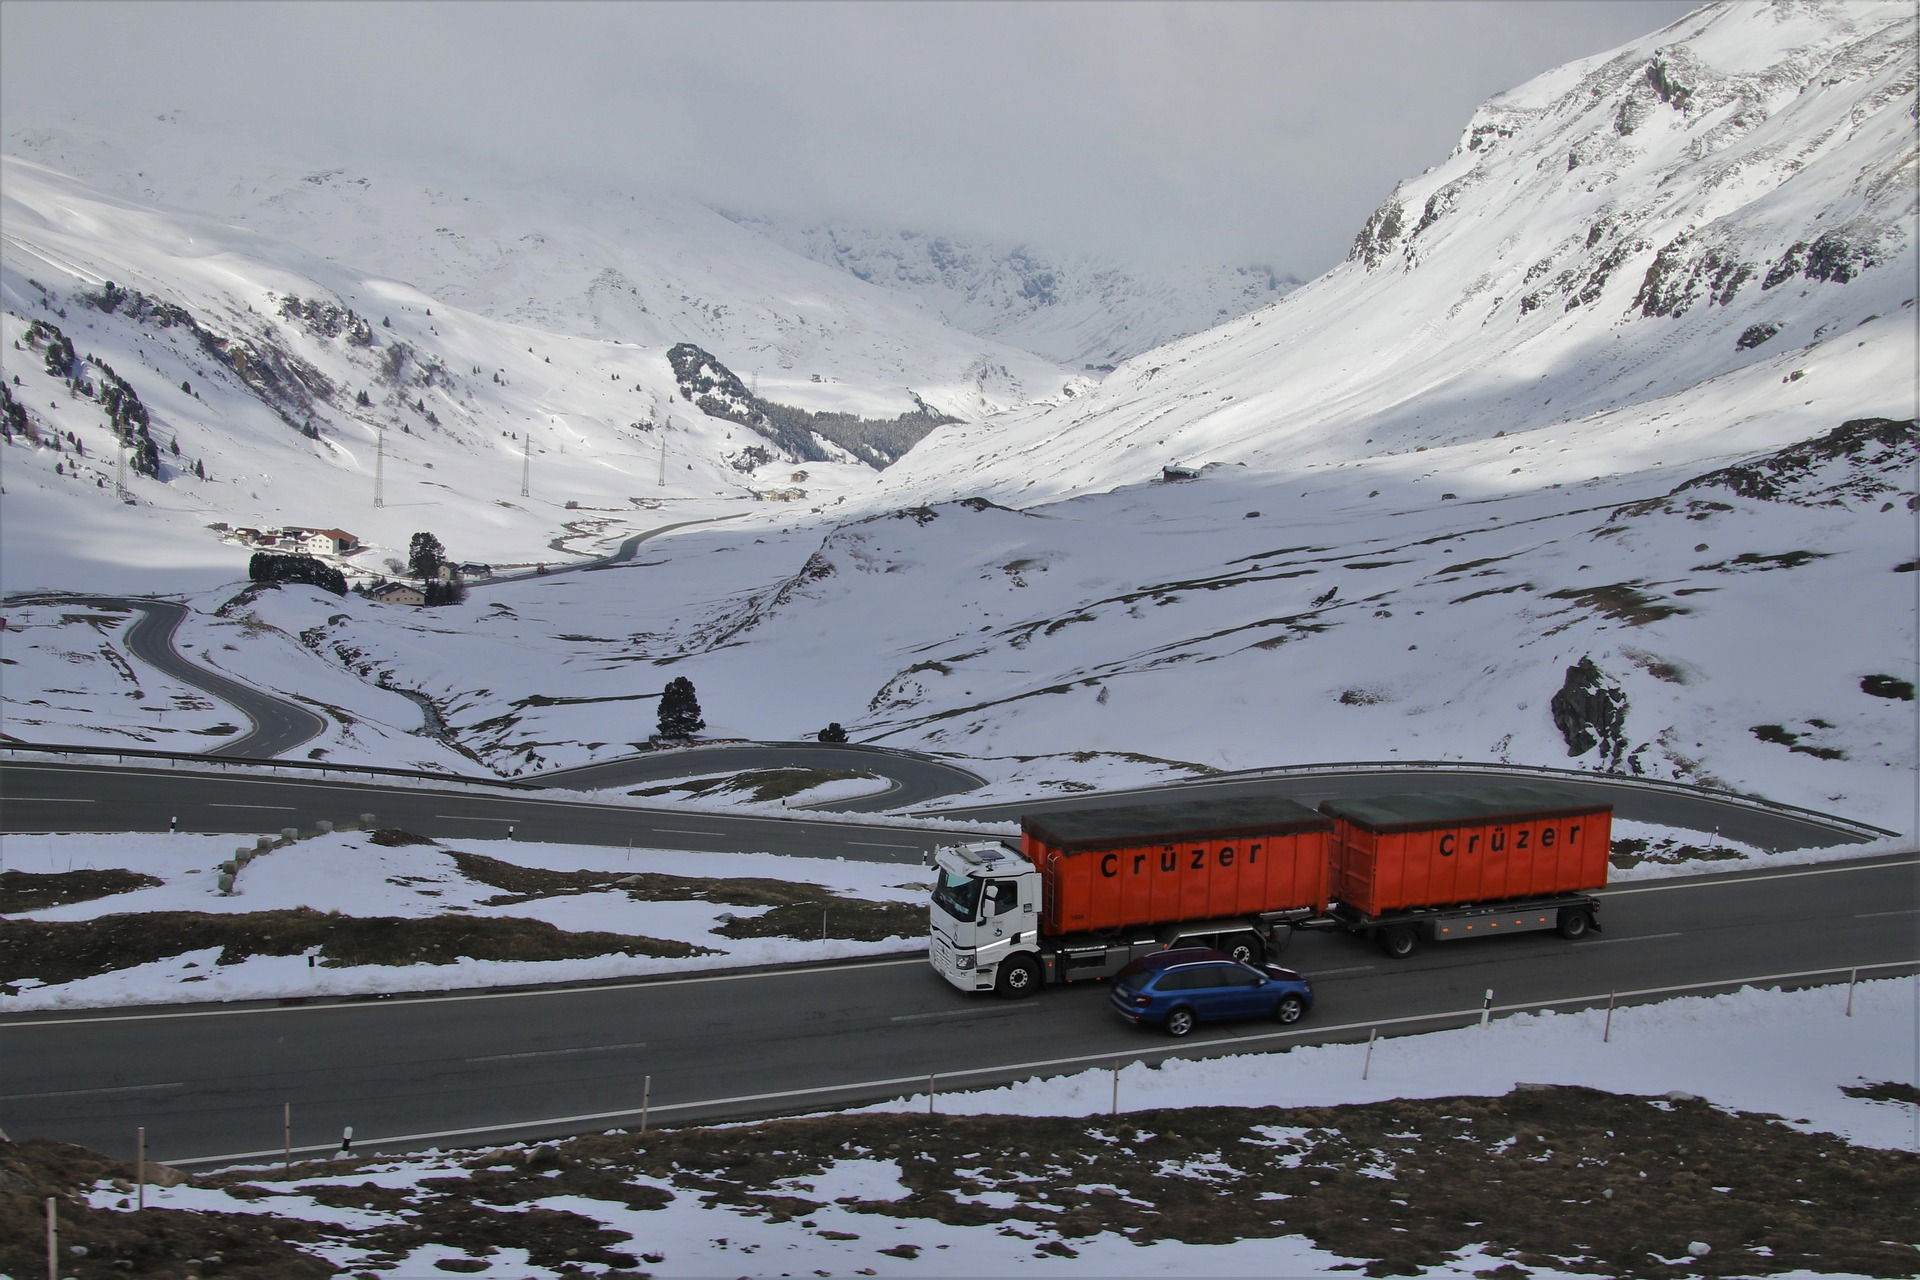 Nouvelle réglementation poids-lourd : l'obligation d'équipements de certains véhicules en période hivernale